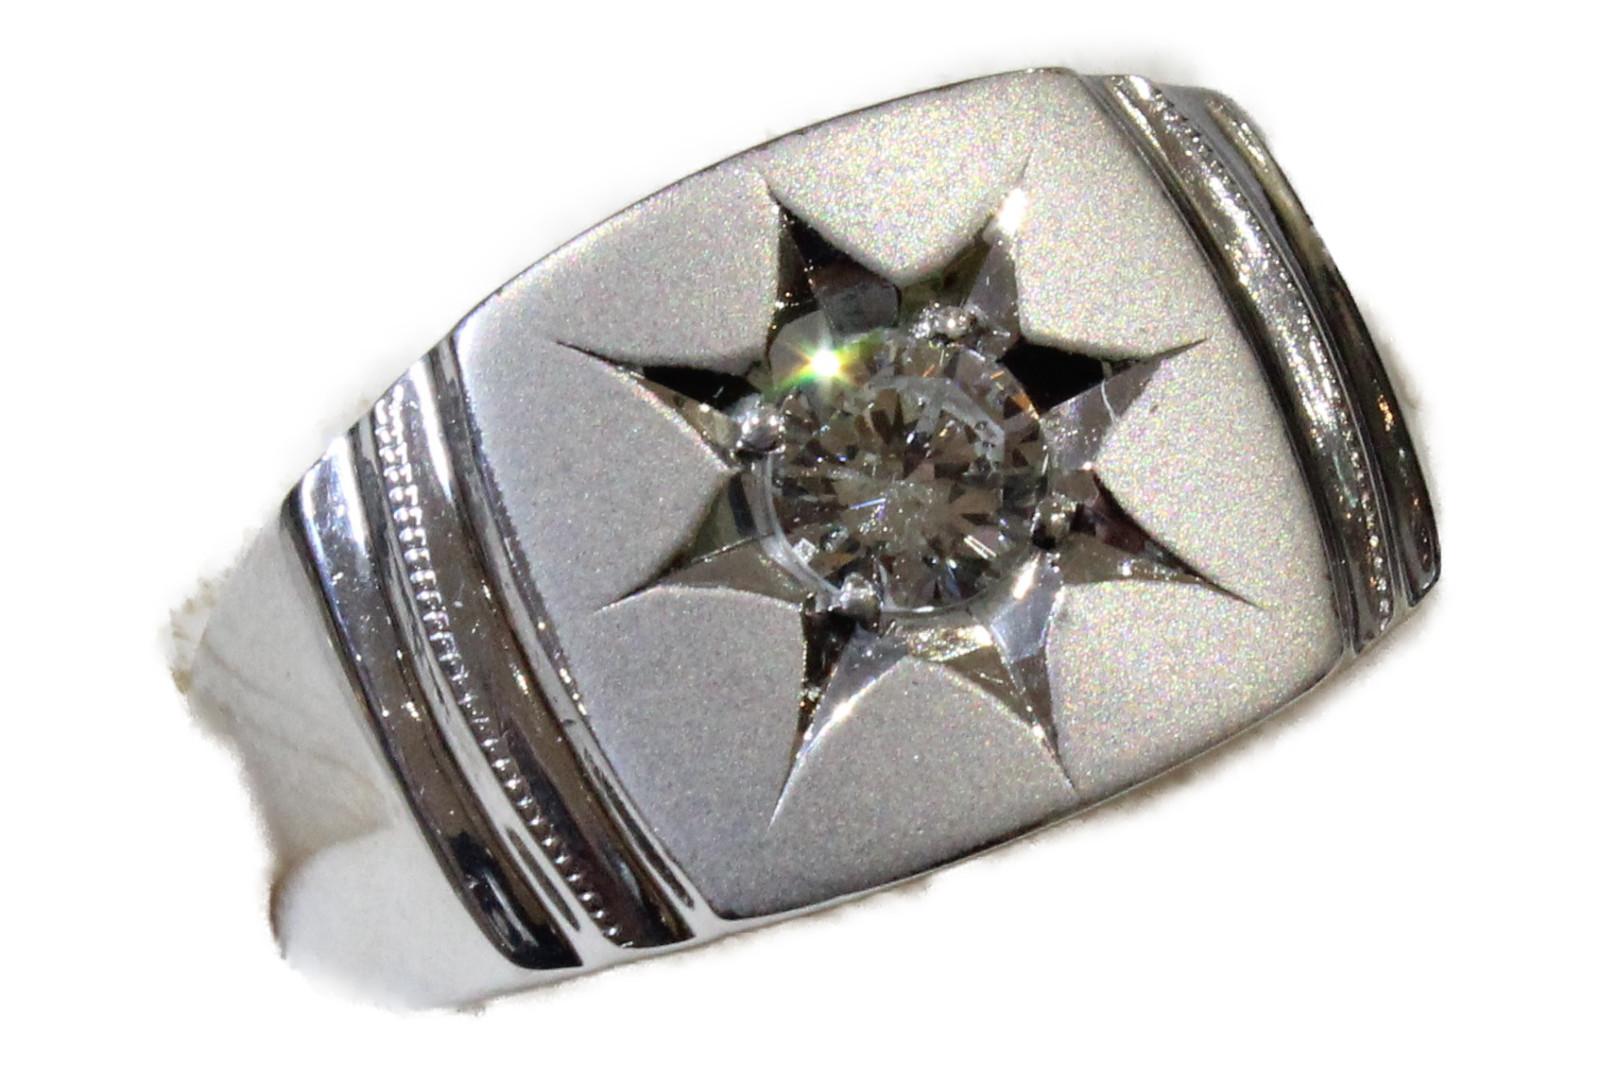 【☆新品仕上げ済☆】印台リングダイヤモンド0..50ct Pt90024.8g 19号 高級ギフト包装可 【中古】